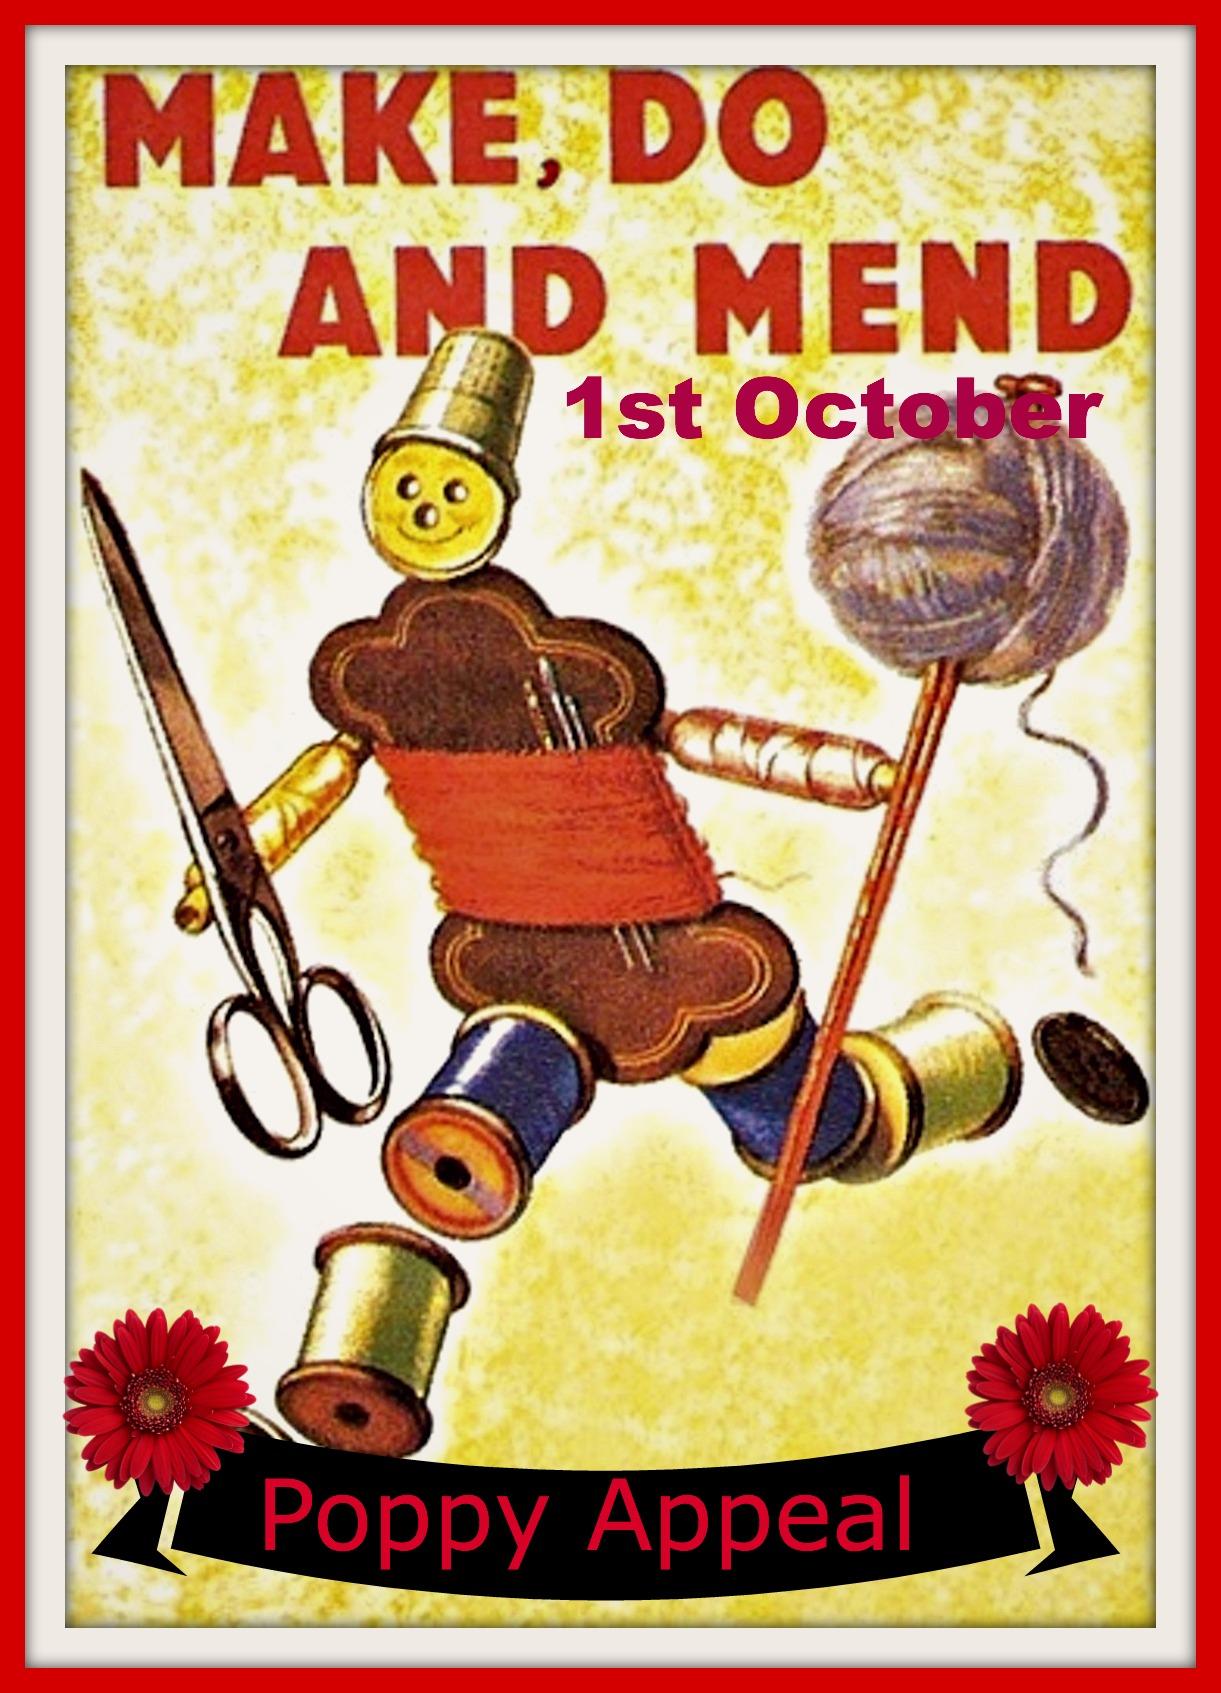 make, do & mend man October 2013